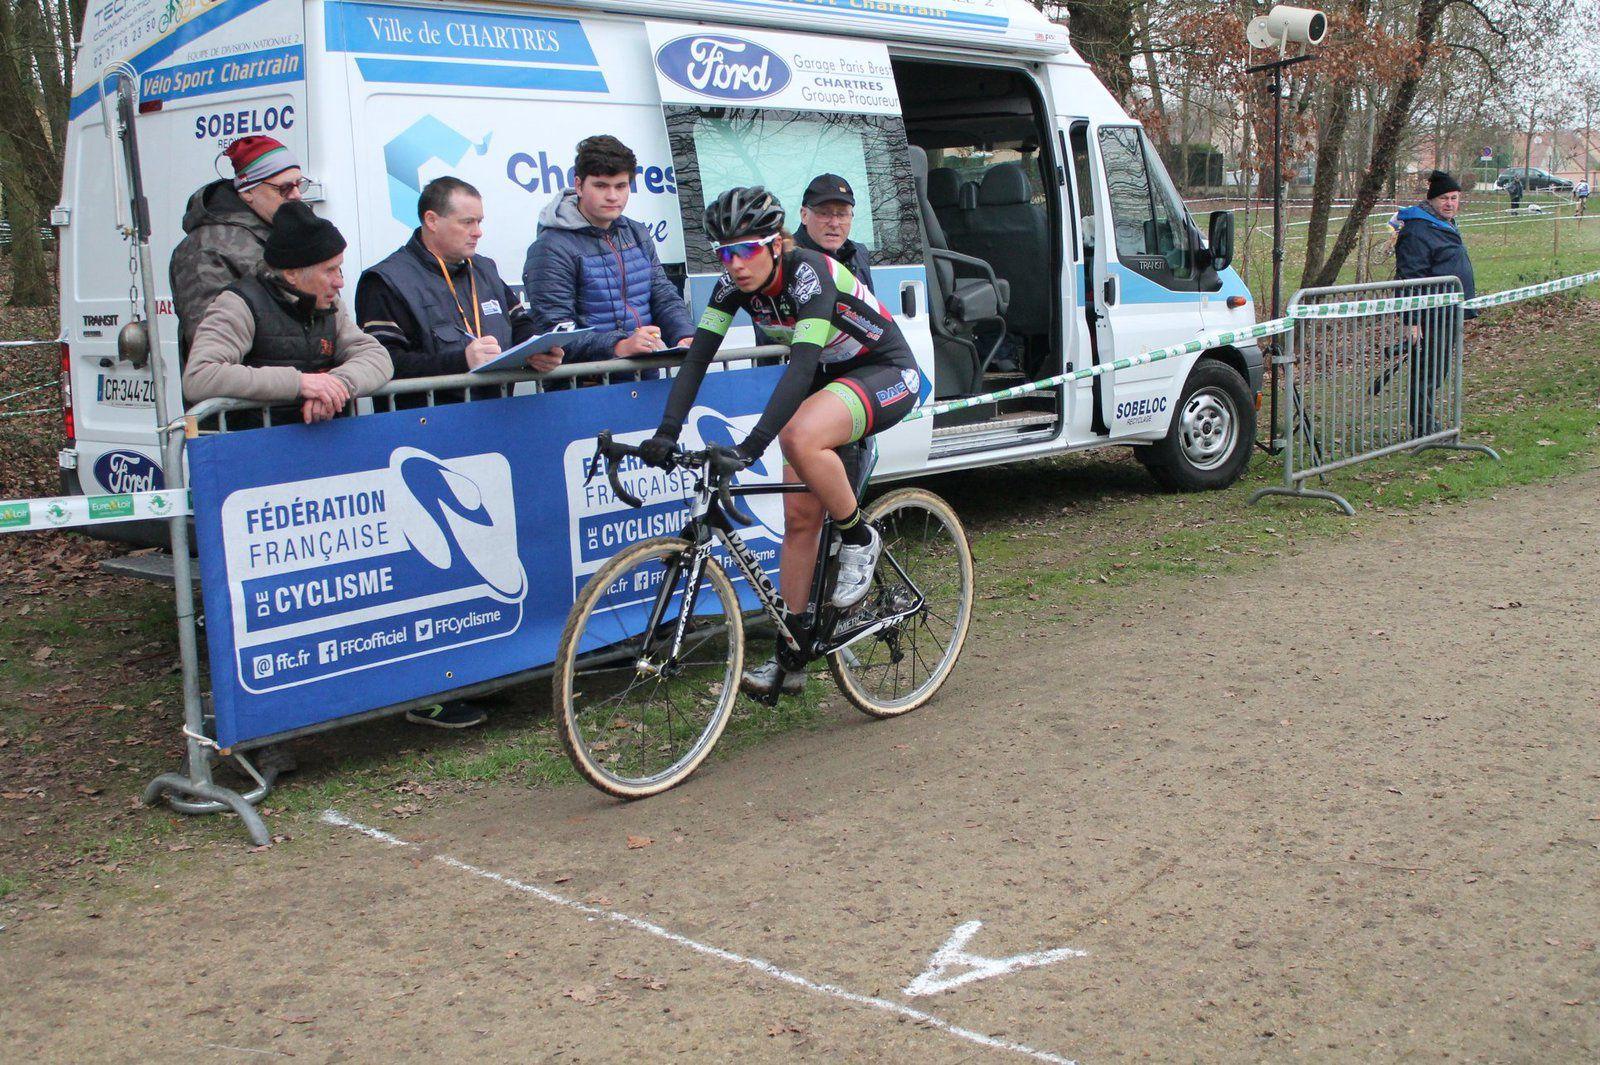 Victoire de Pascaline Duchesne (CCC) au cyclo-cross dames du Coudray (28)